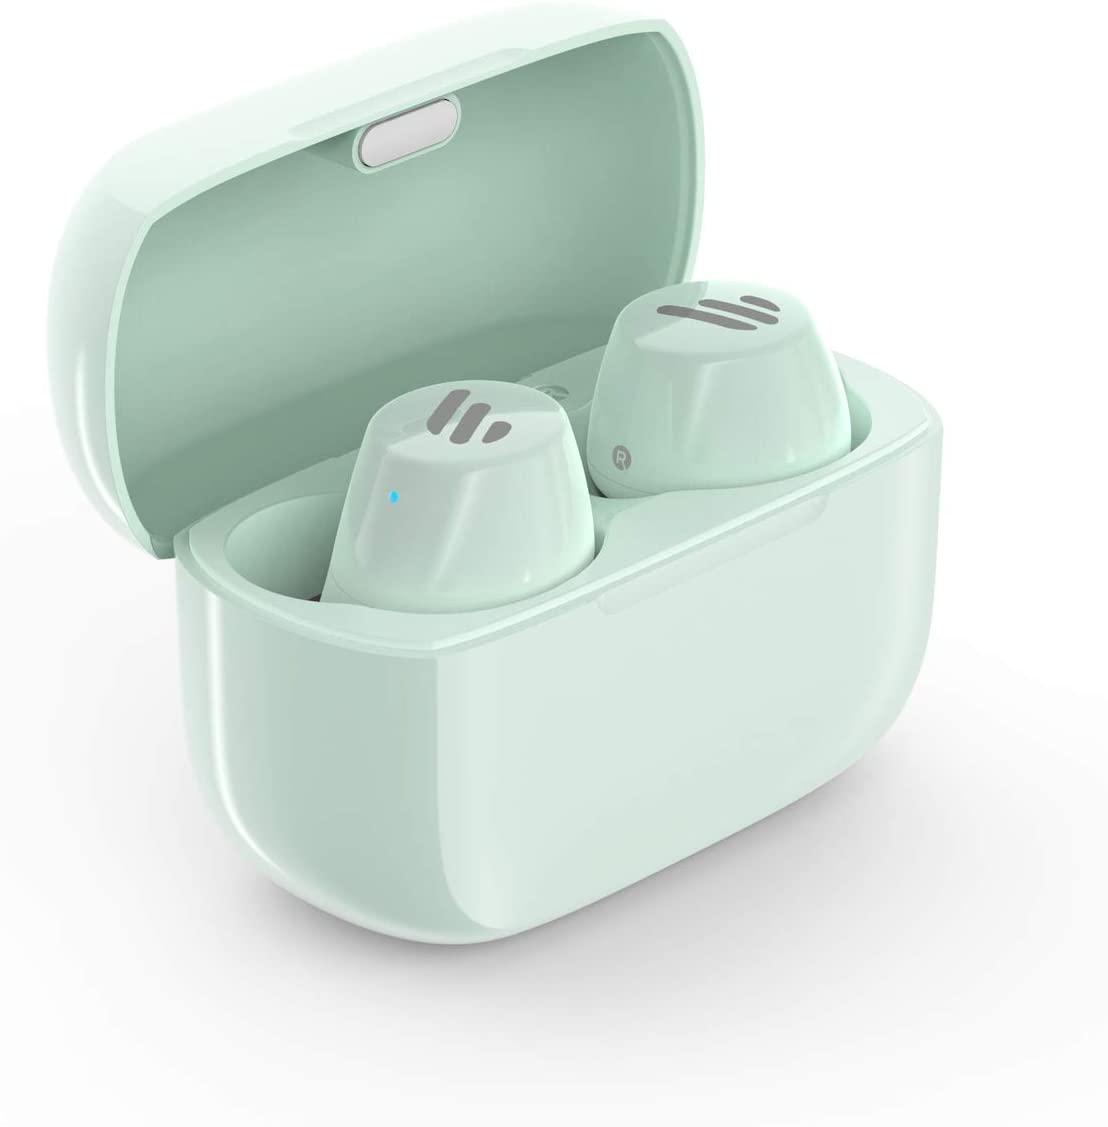 אוזניות בלוטוס אלחוטיות ירוק Edifier TWS1 Bluetooth Earbuds Mint Green